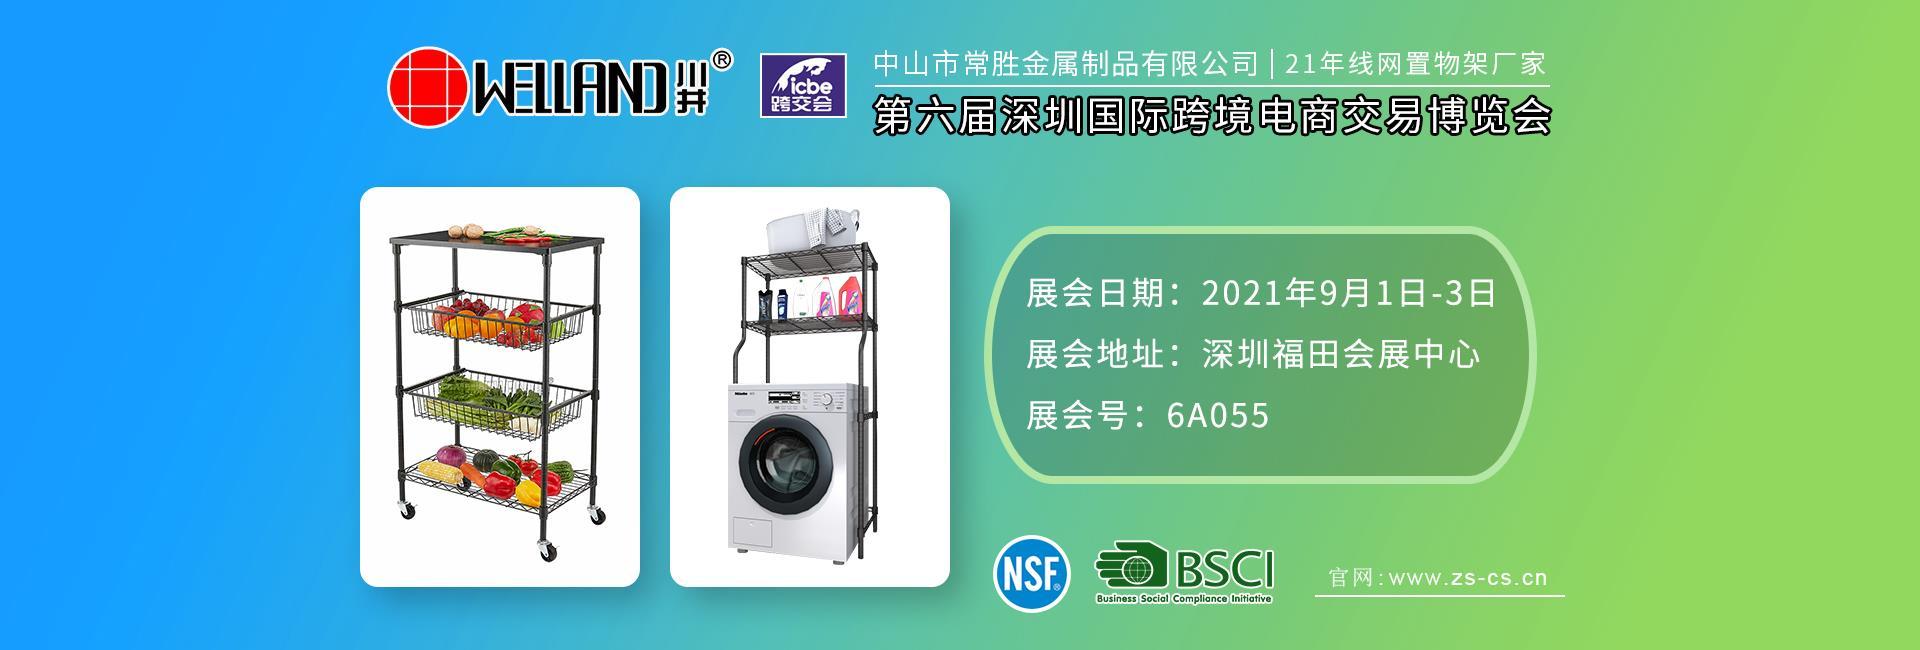 深圳电商交易会-展会海报(1)